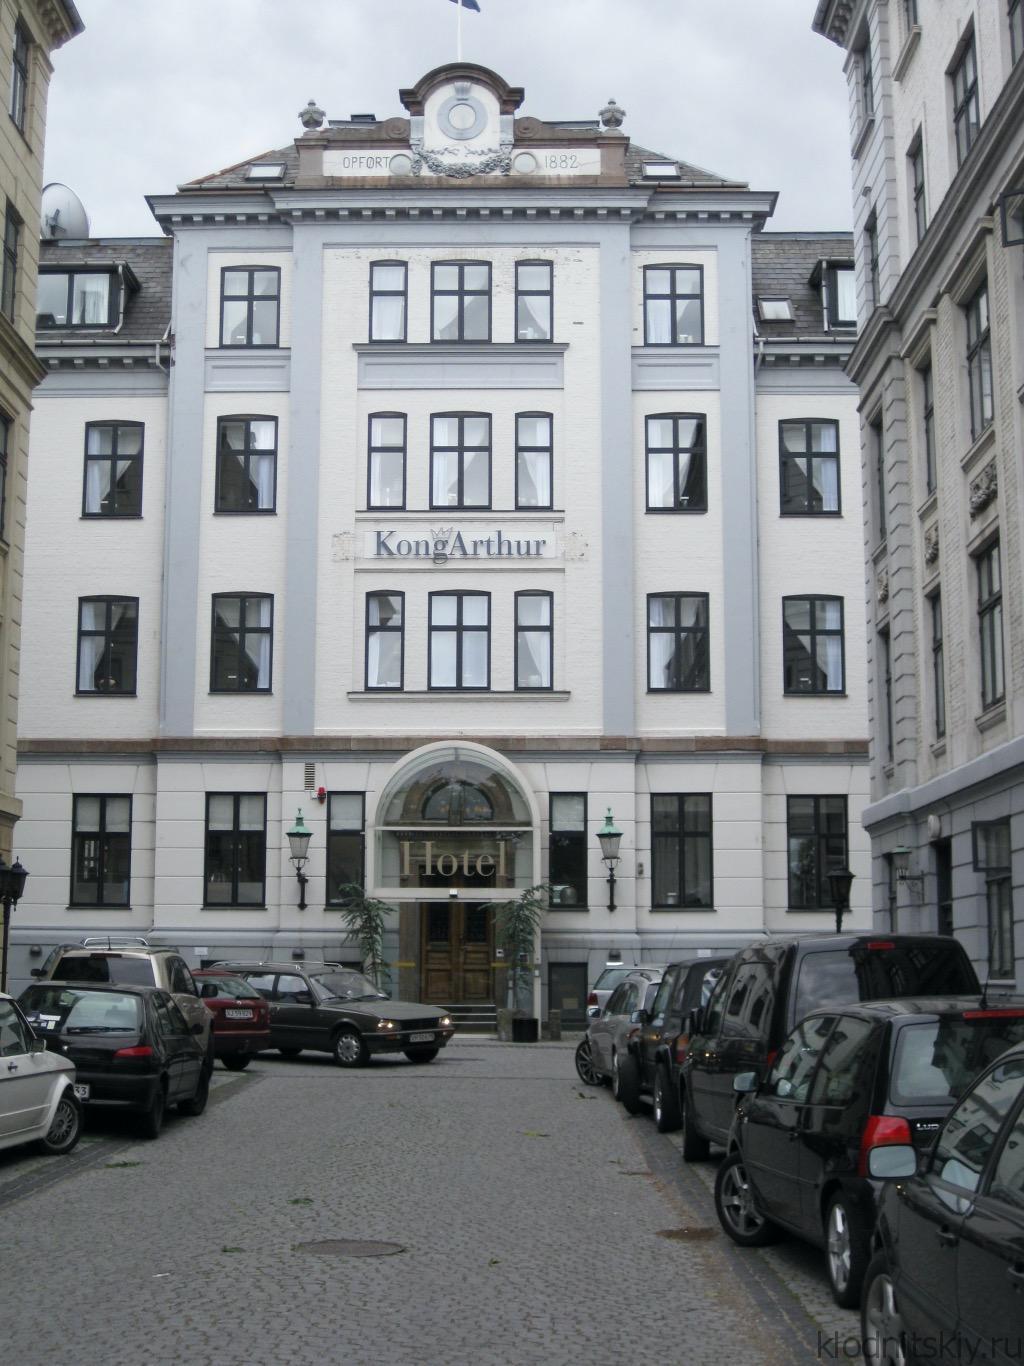 Гостиница Kong Artur, Копенгаген, Дания